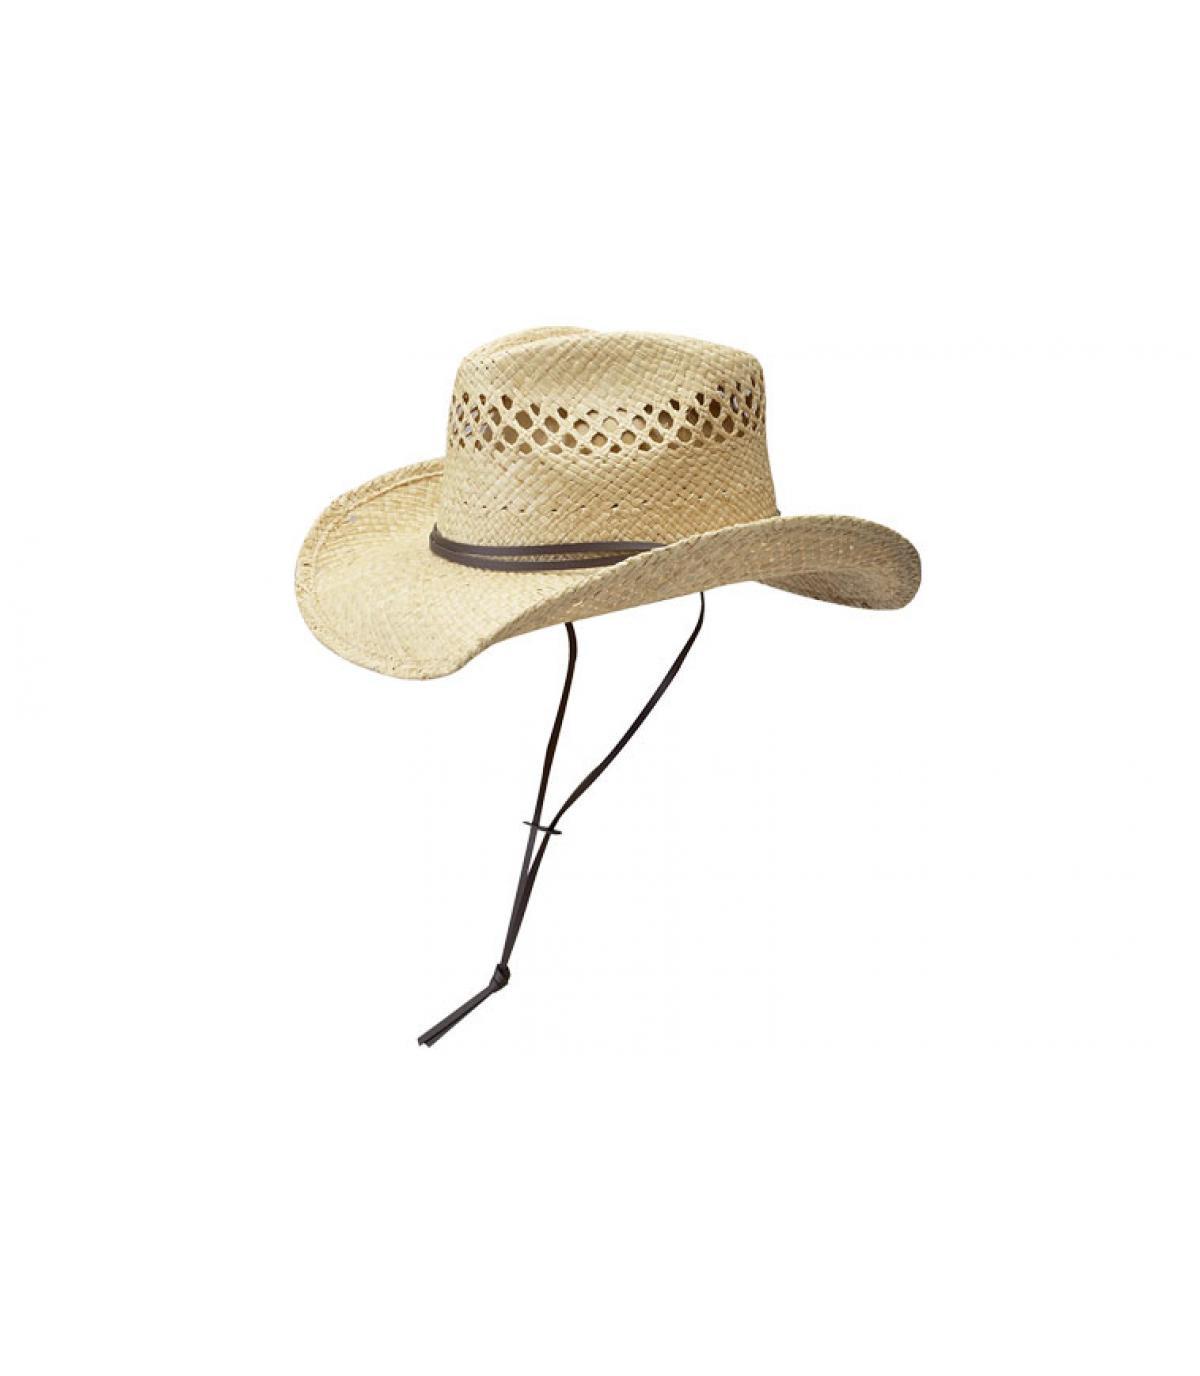 prix raisonnable commercialisable frais frais Chapeau femme Larimore raffia